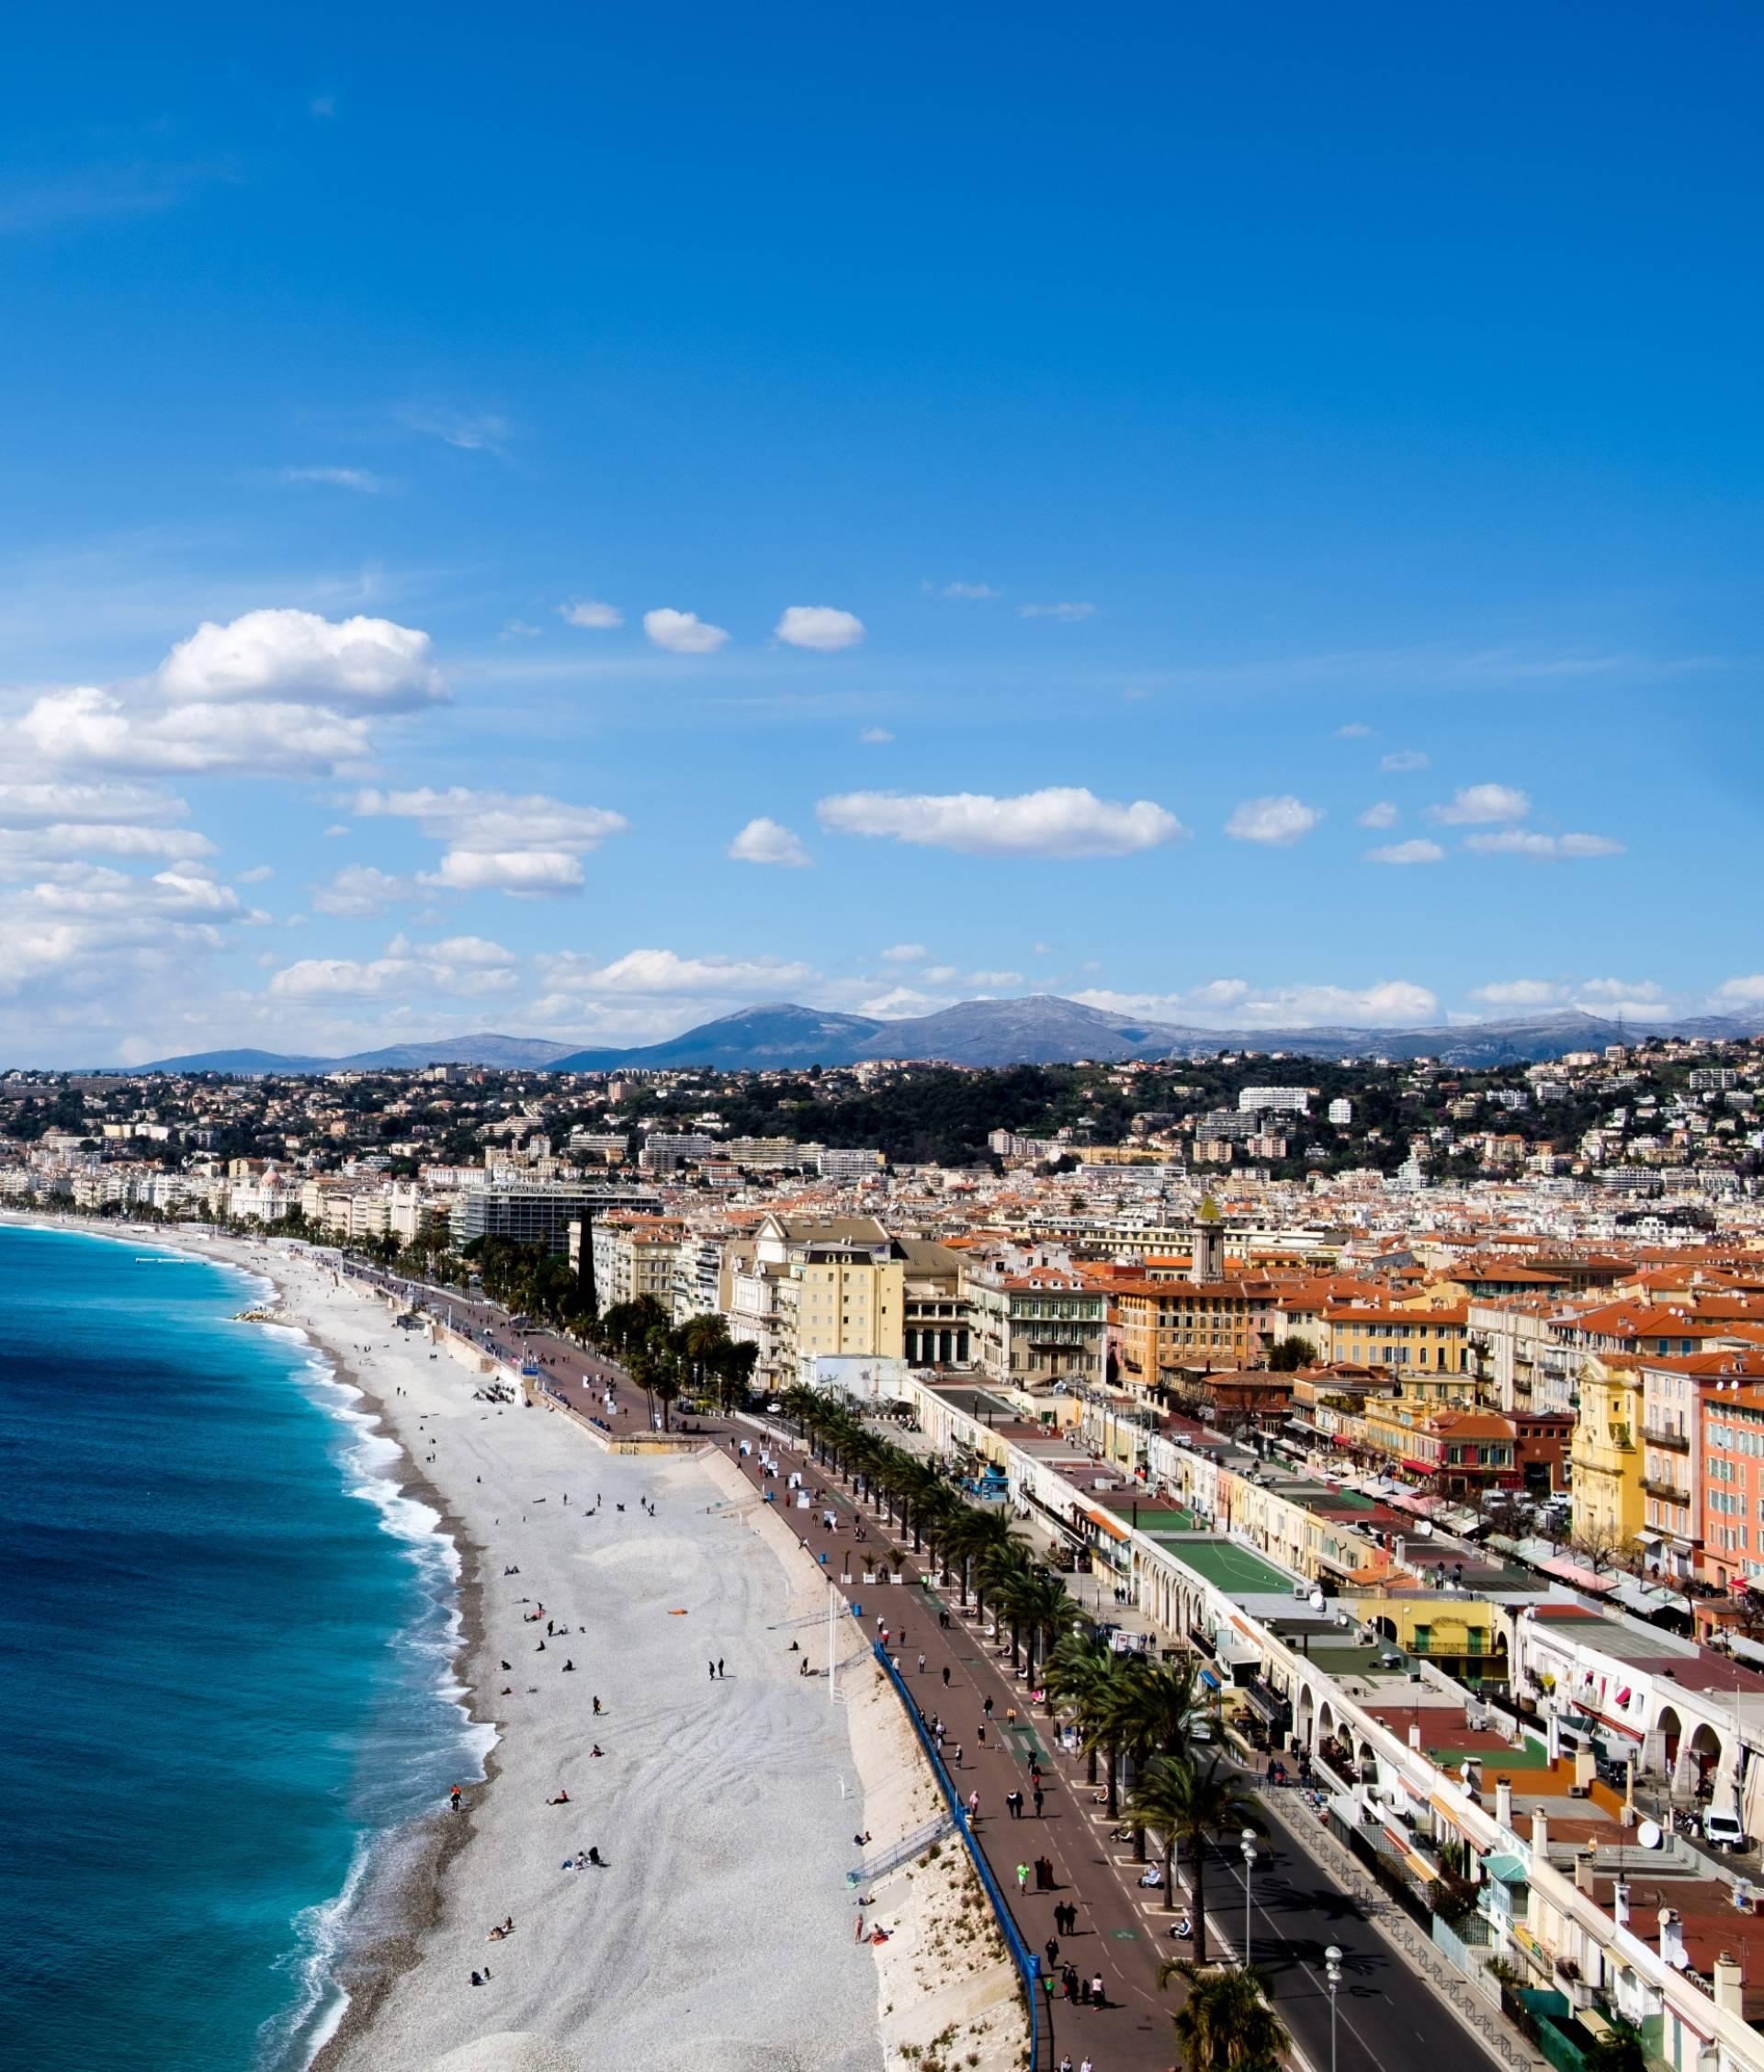 Prizori s Azurne obale